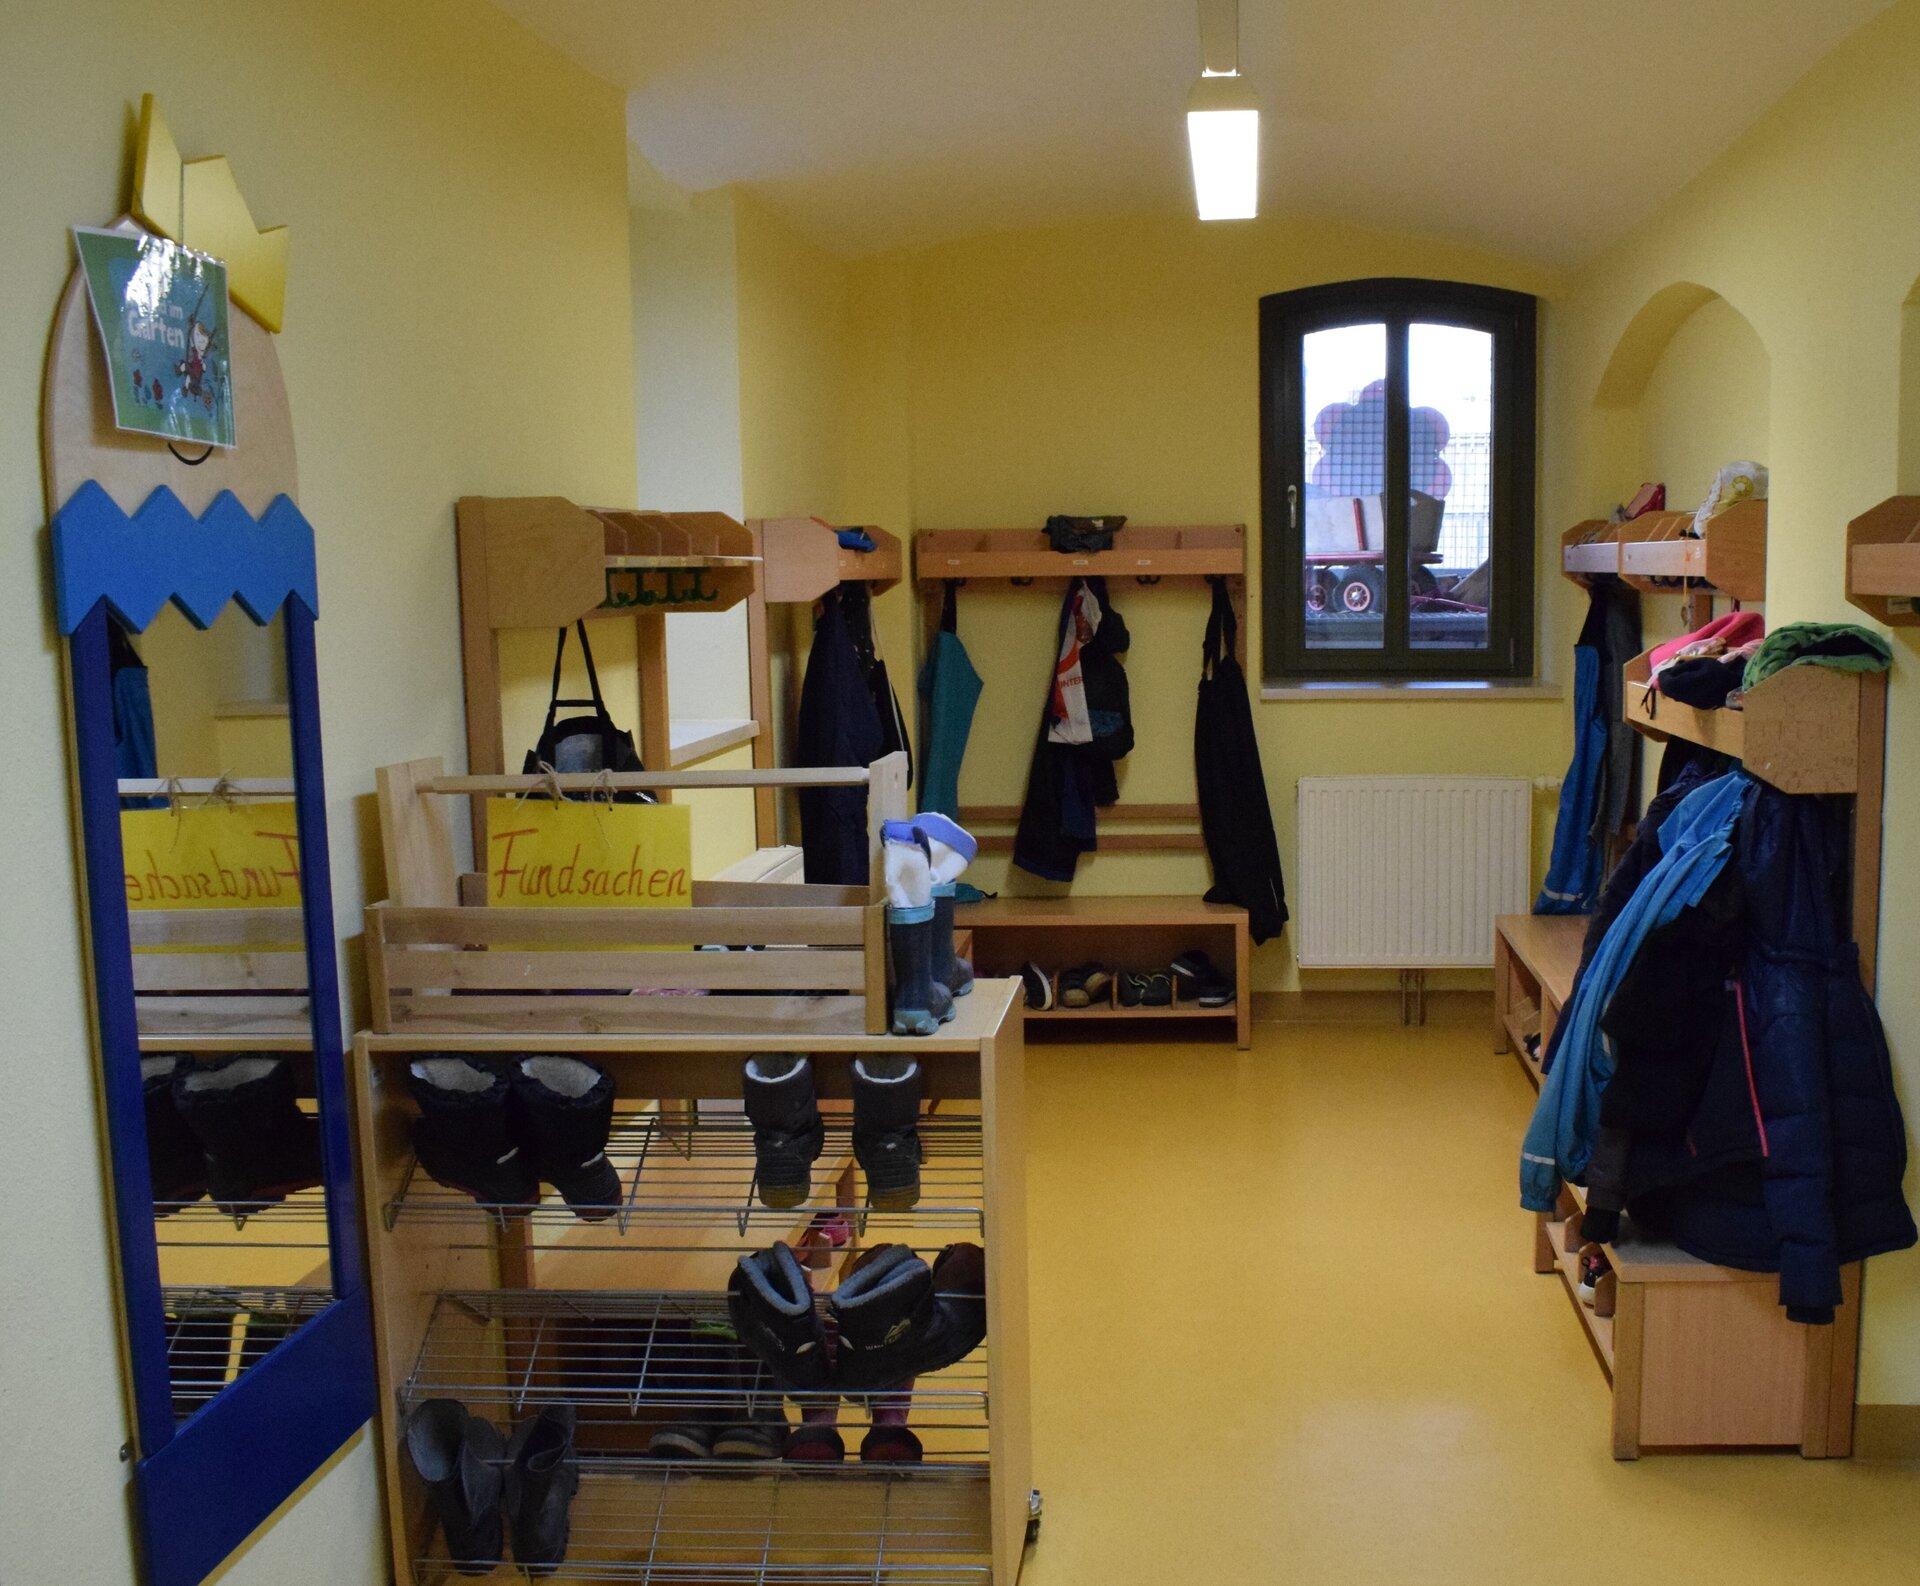 Garderobe der Hortkinder